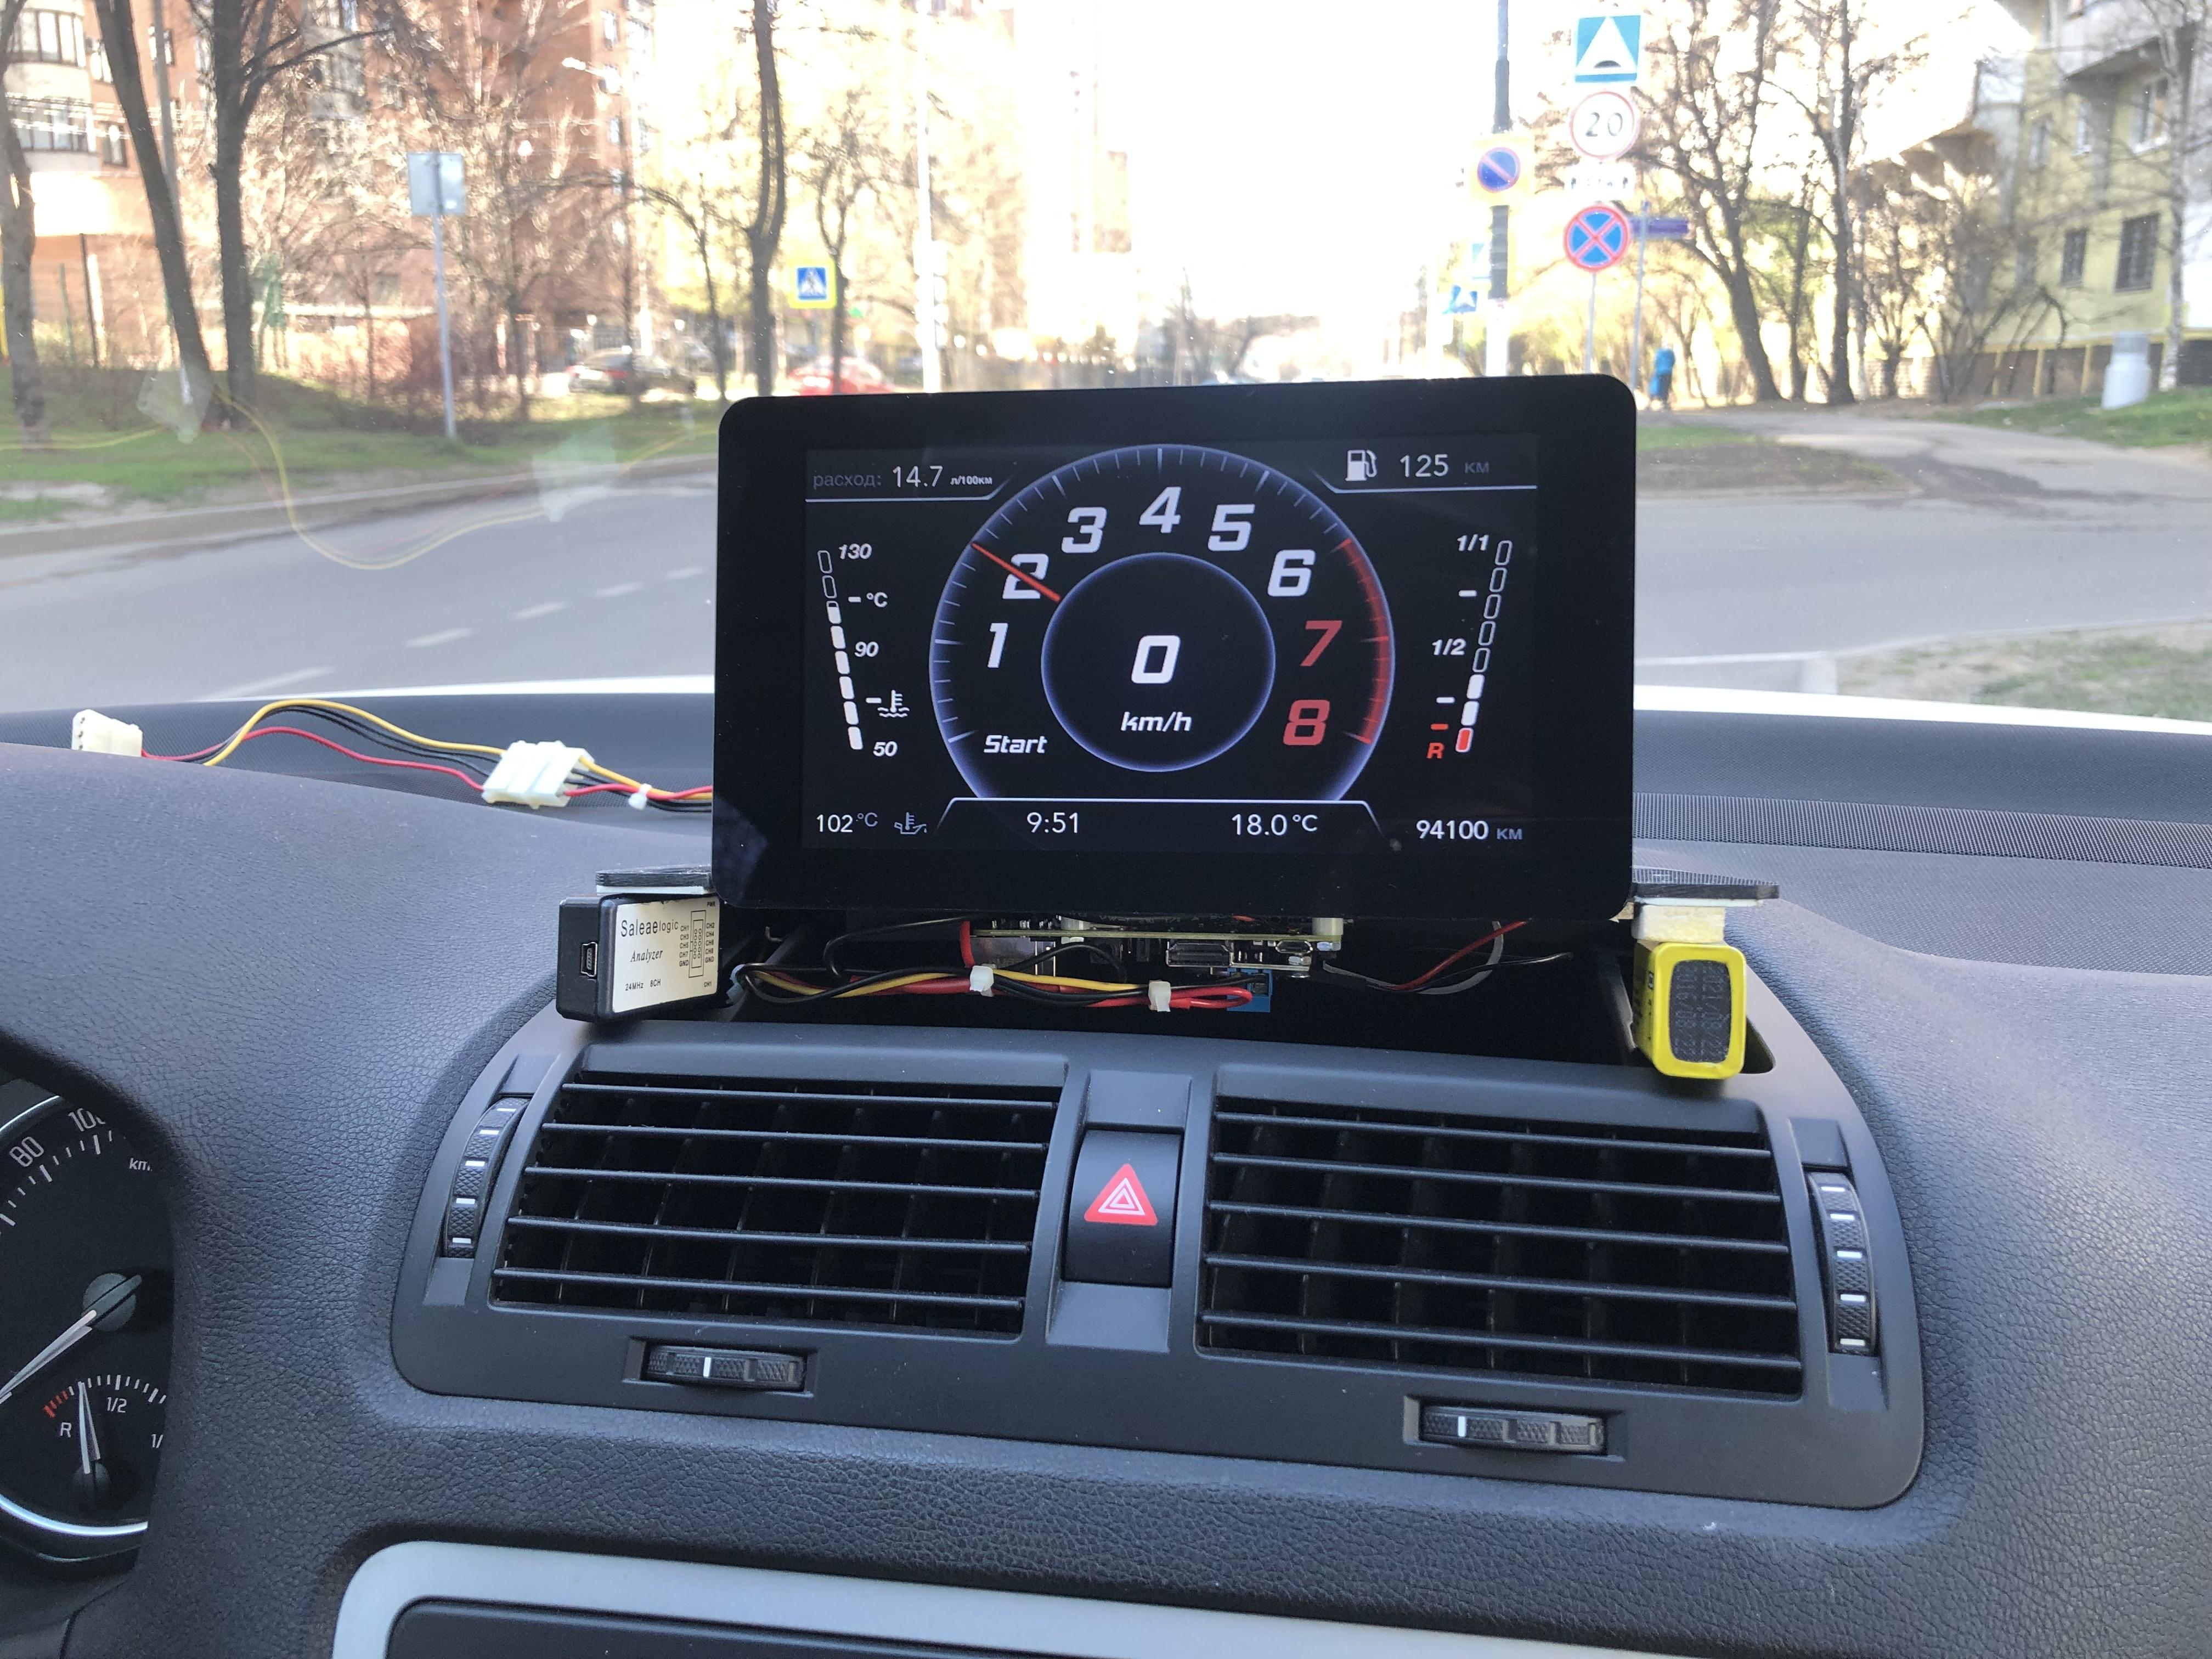 Хакаем CAN шину авто  Виртуальная панель приборов / Хабр